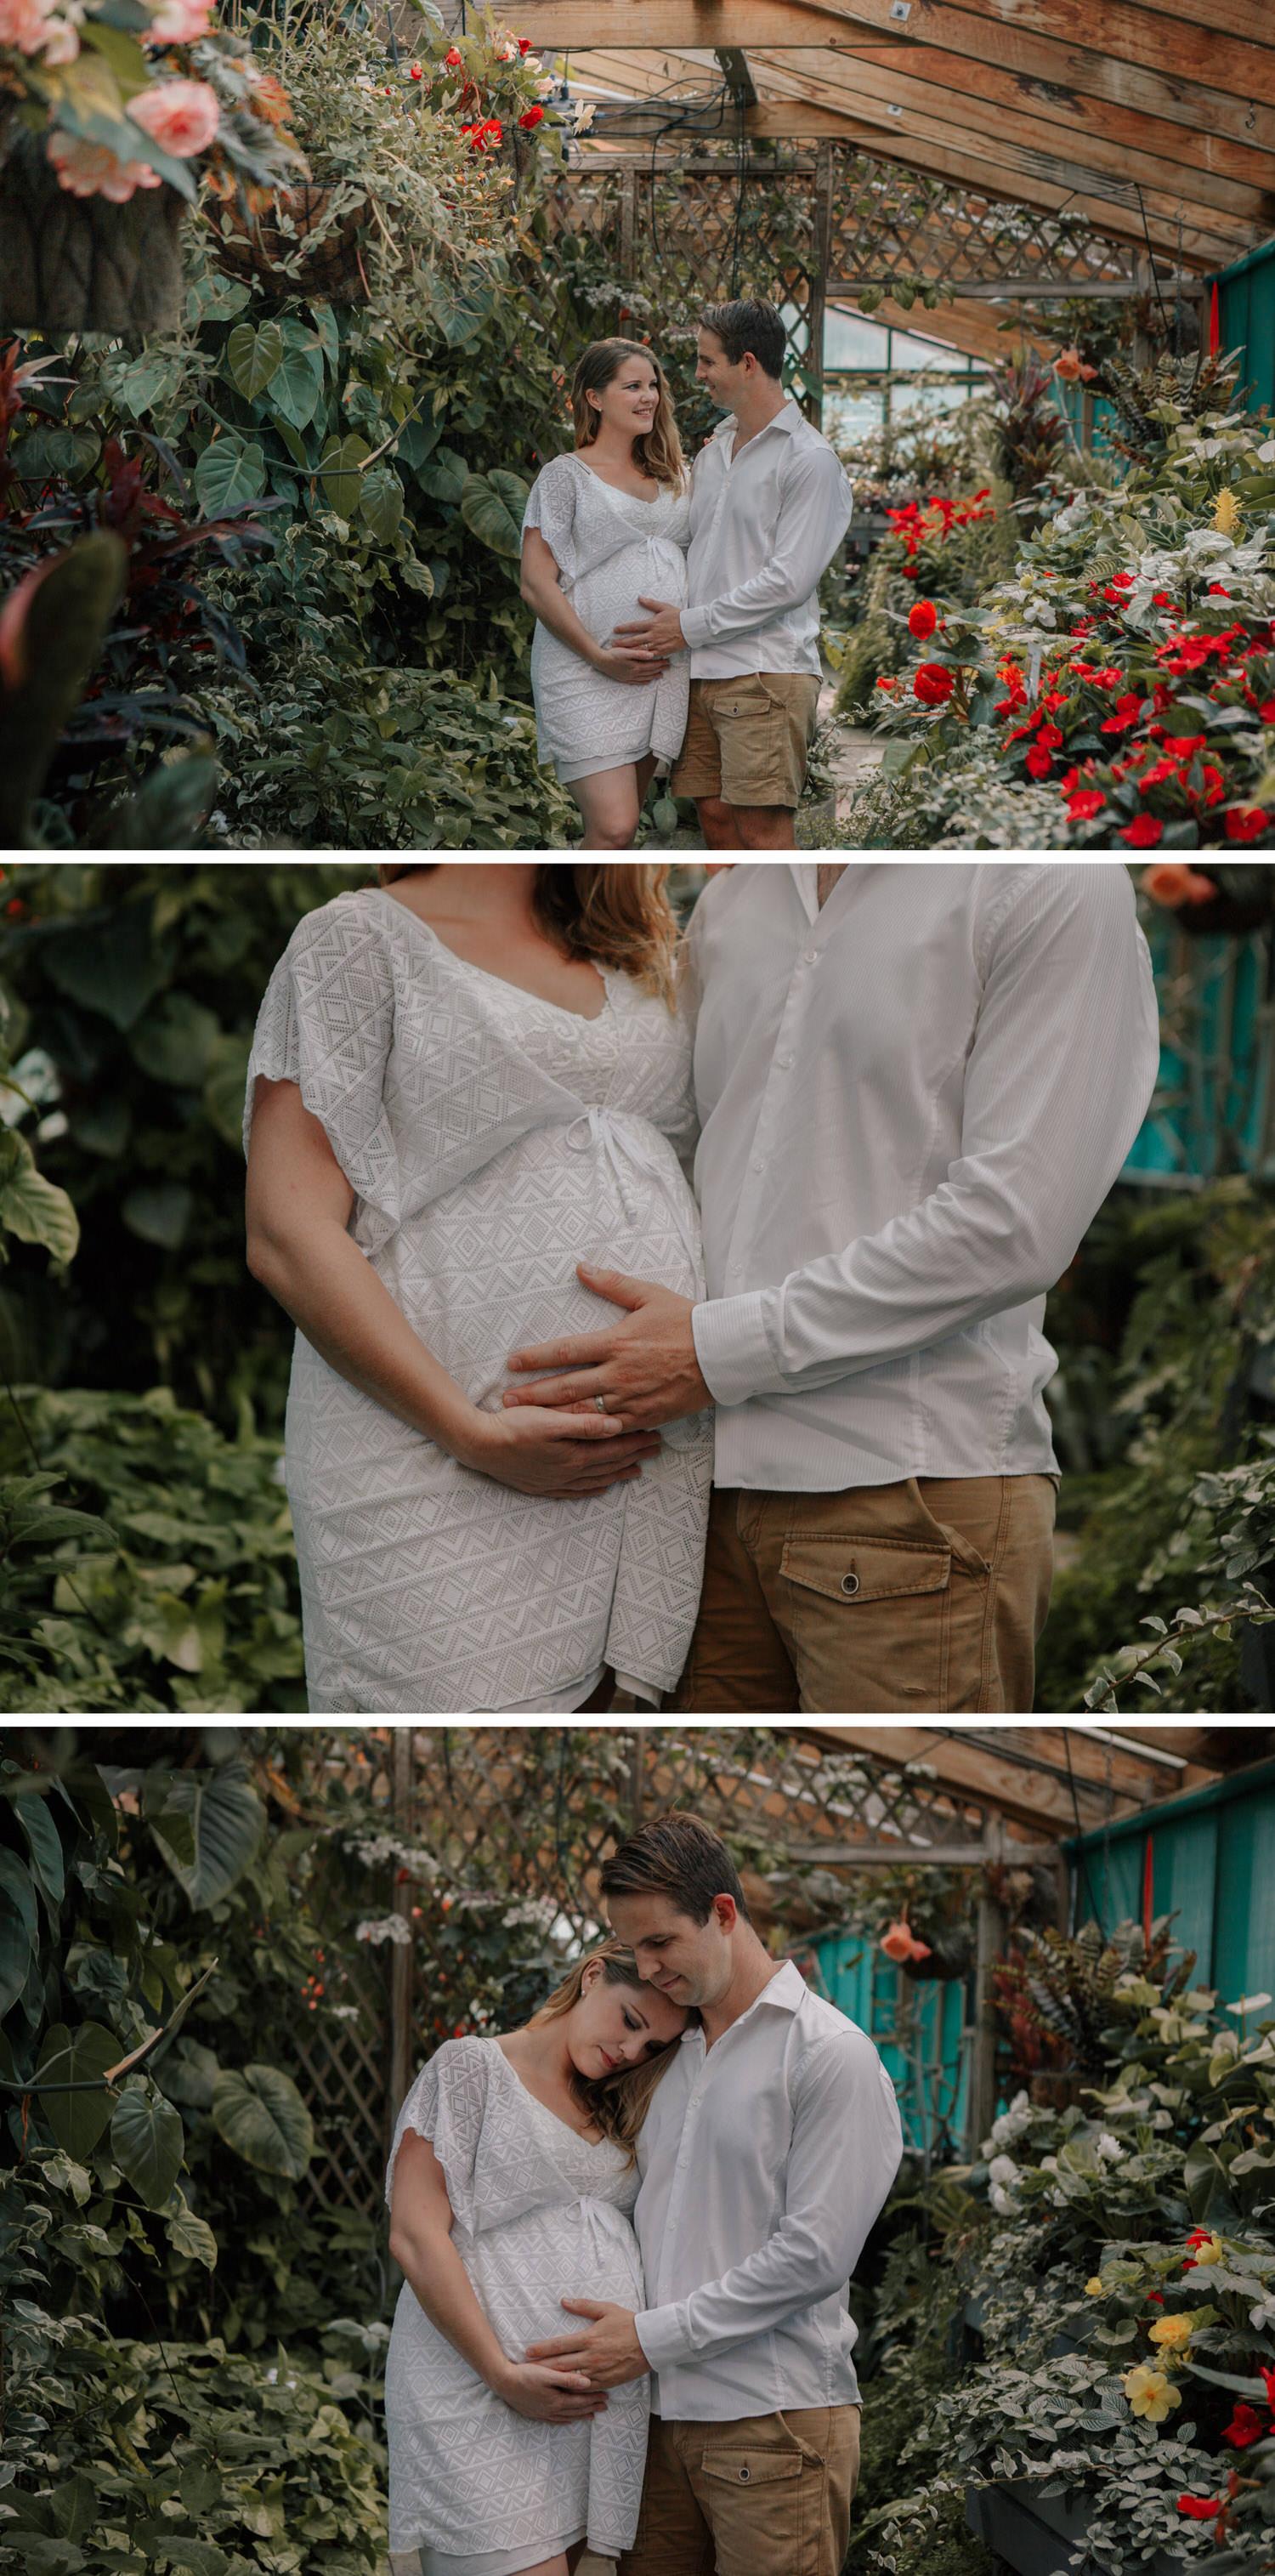 Tauranga maternity photographer